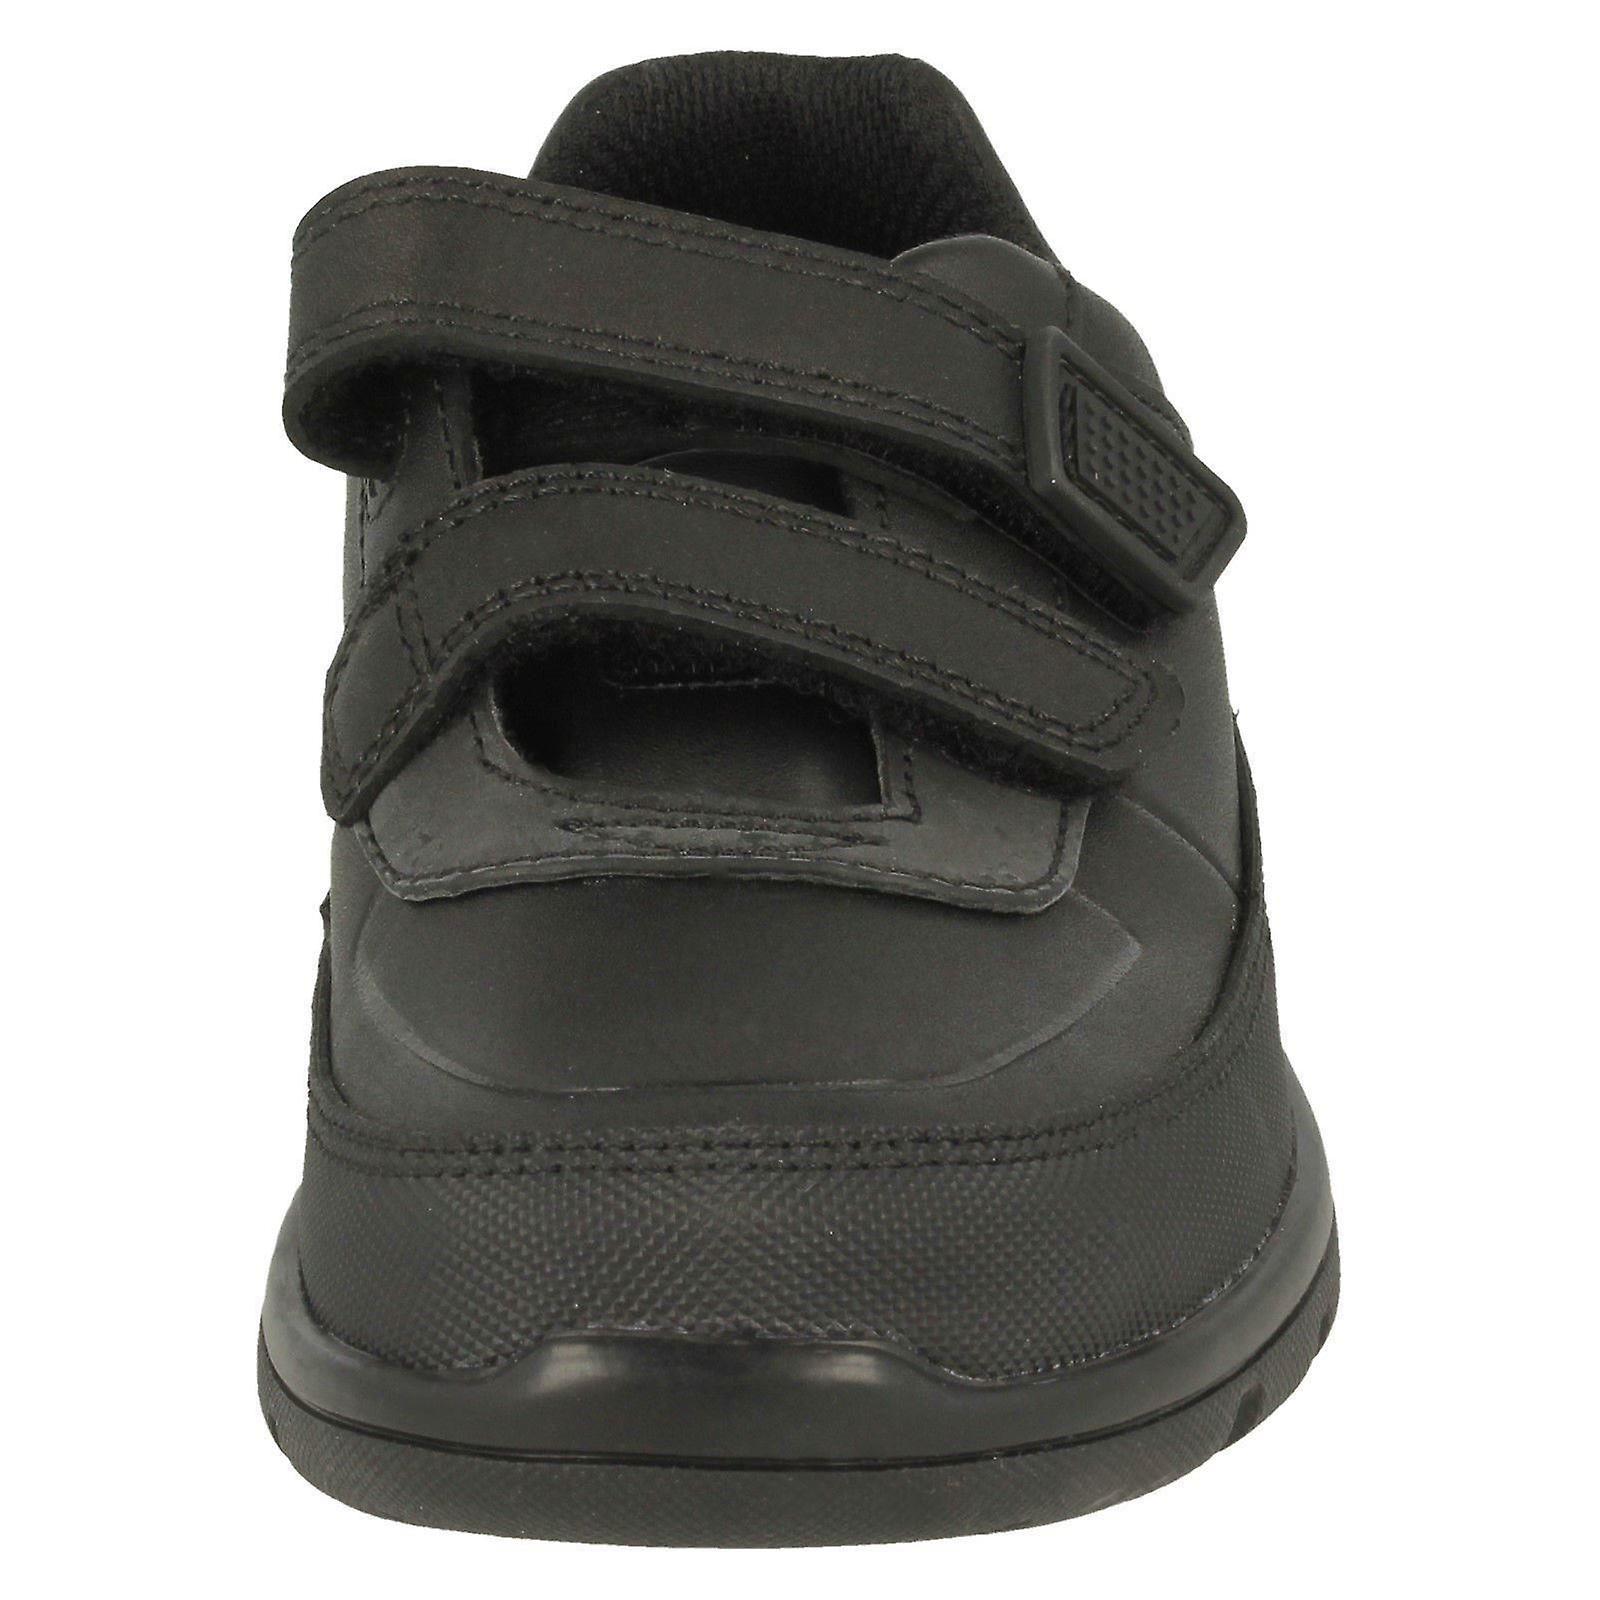 Clarks Boys Hook /& Loop School Shoes /'Venture Walk/'